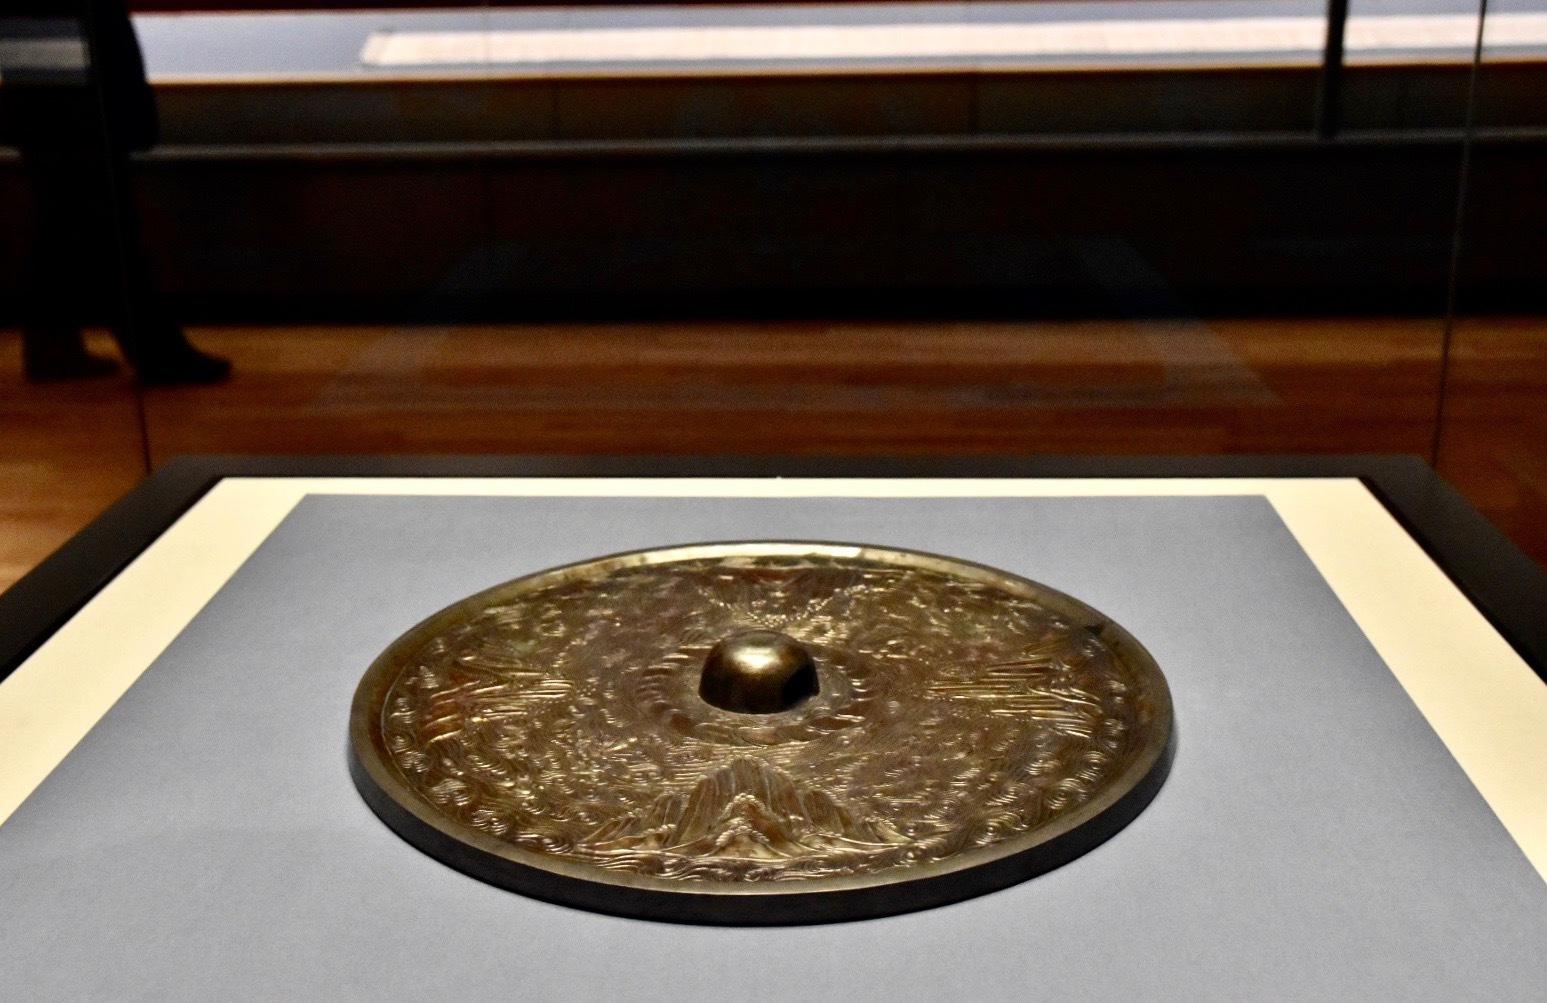 国宝《海磯鏡》 中国・唐または奈良時代 8世紀 東京国立博物館蔵(法隆寺献納宝物) 通期展示